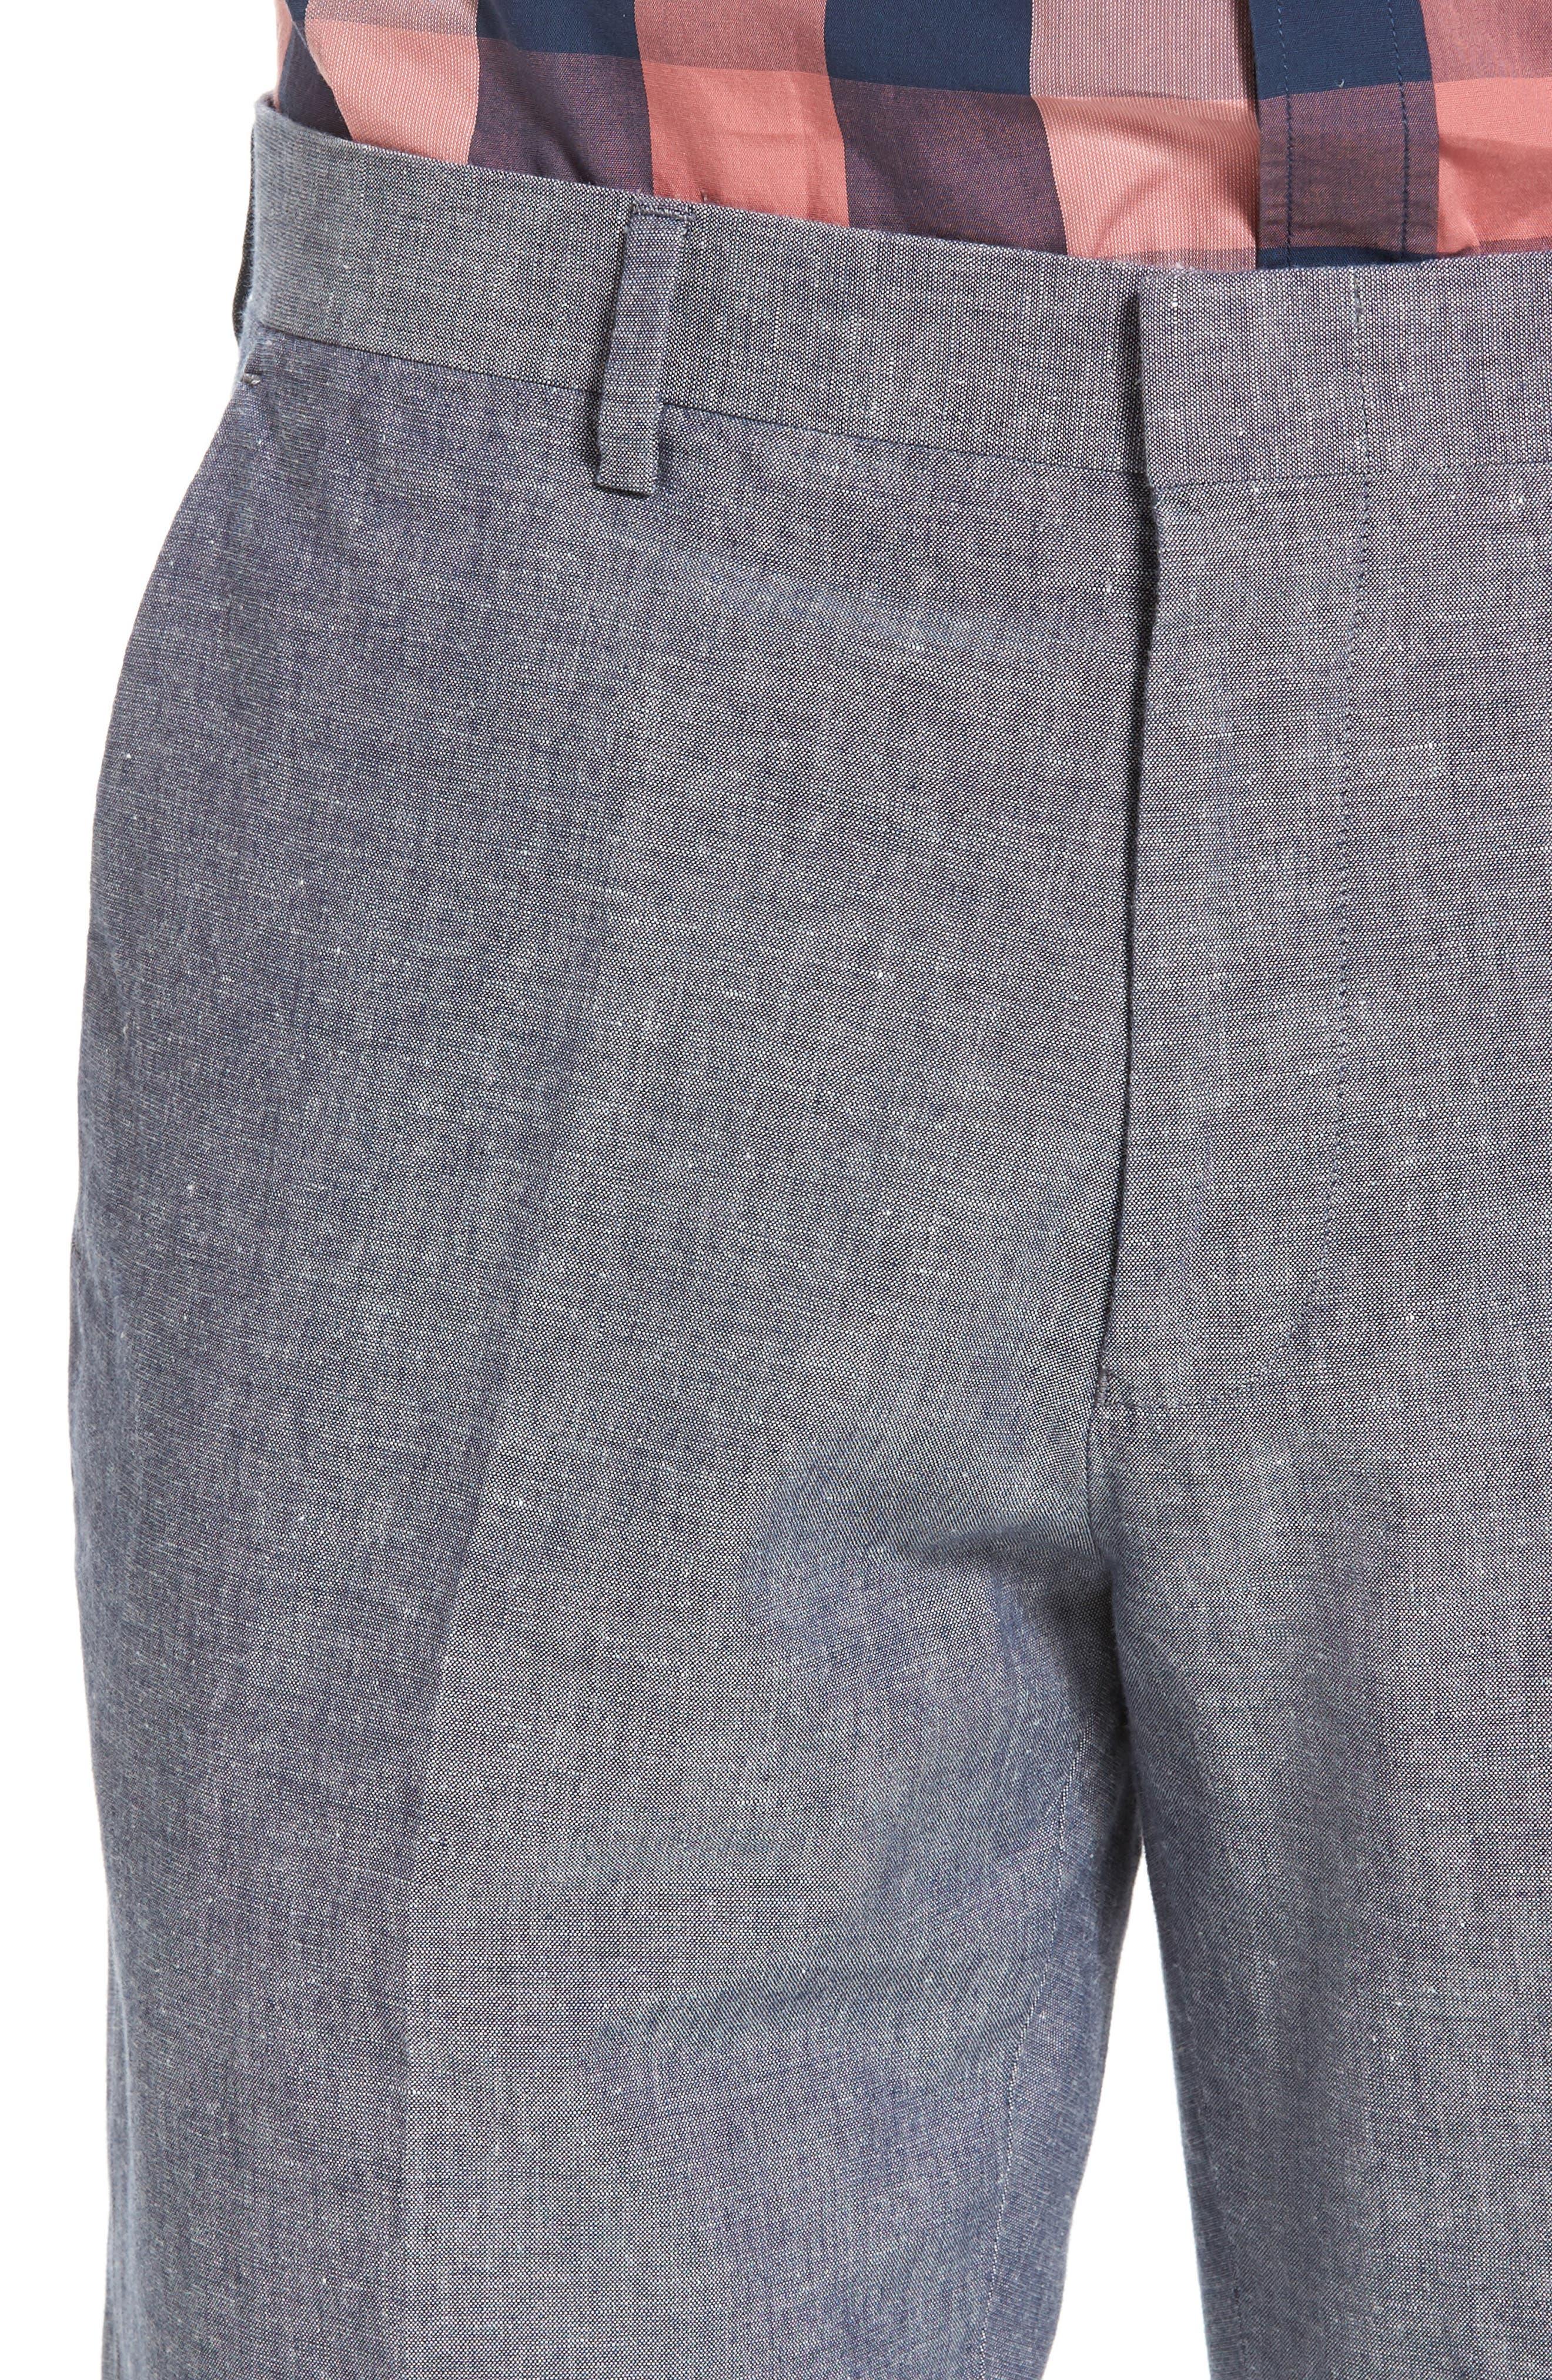 Ludlow Trim Fit Cotton & Linen Suit Pants,                             Alternate thumbnail 4, color,                             Deep Water Blue